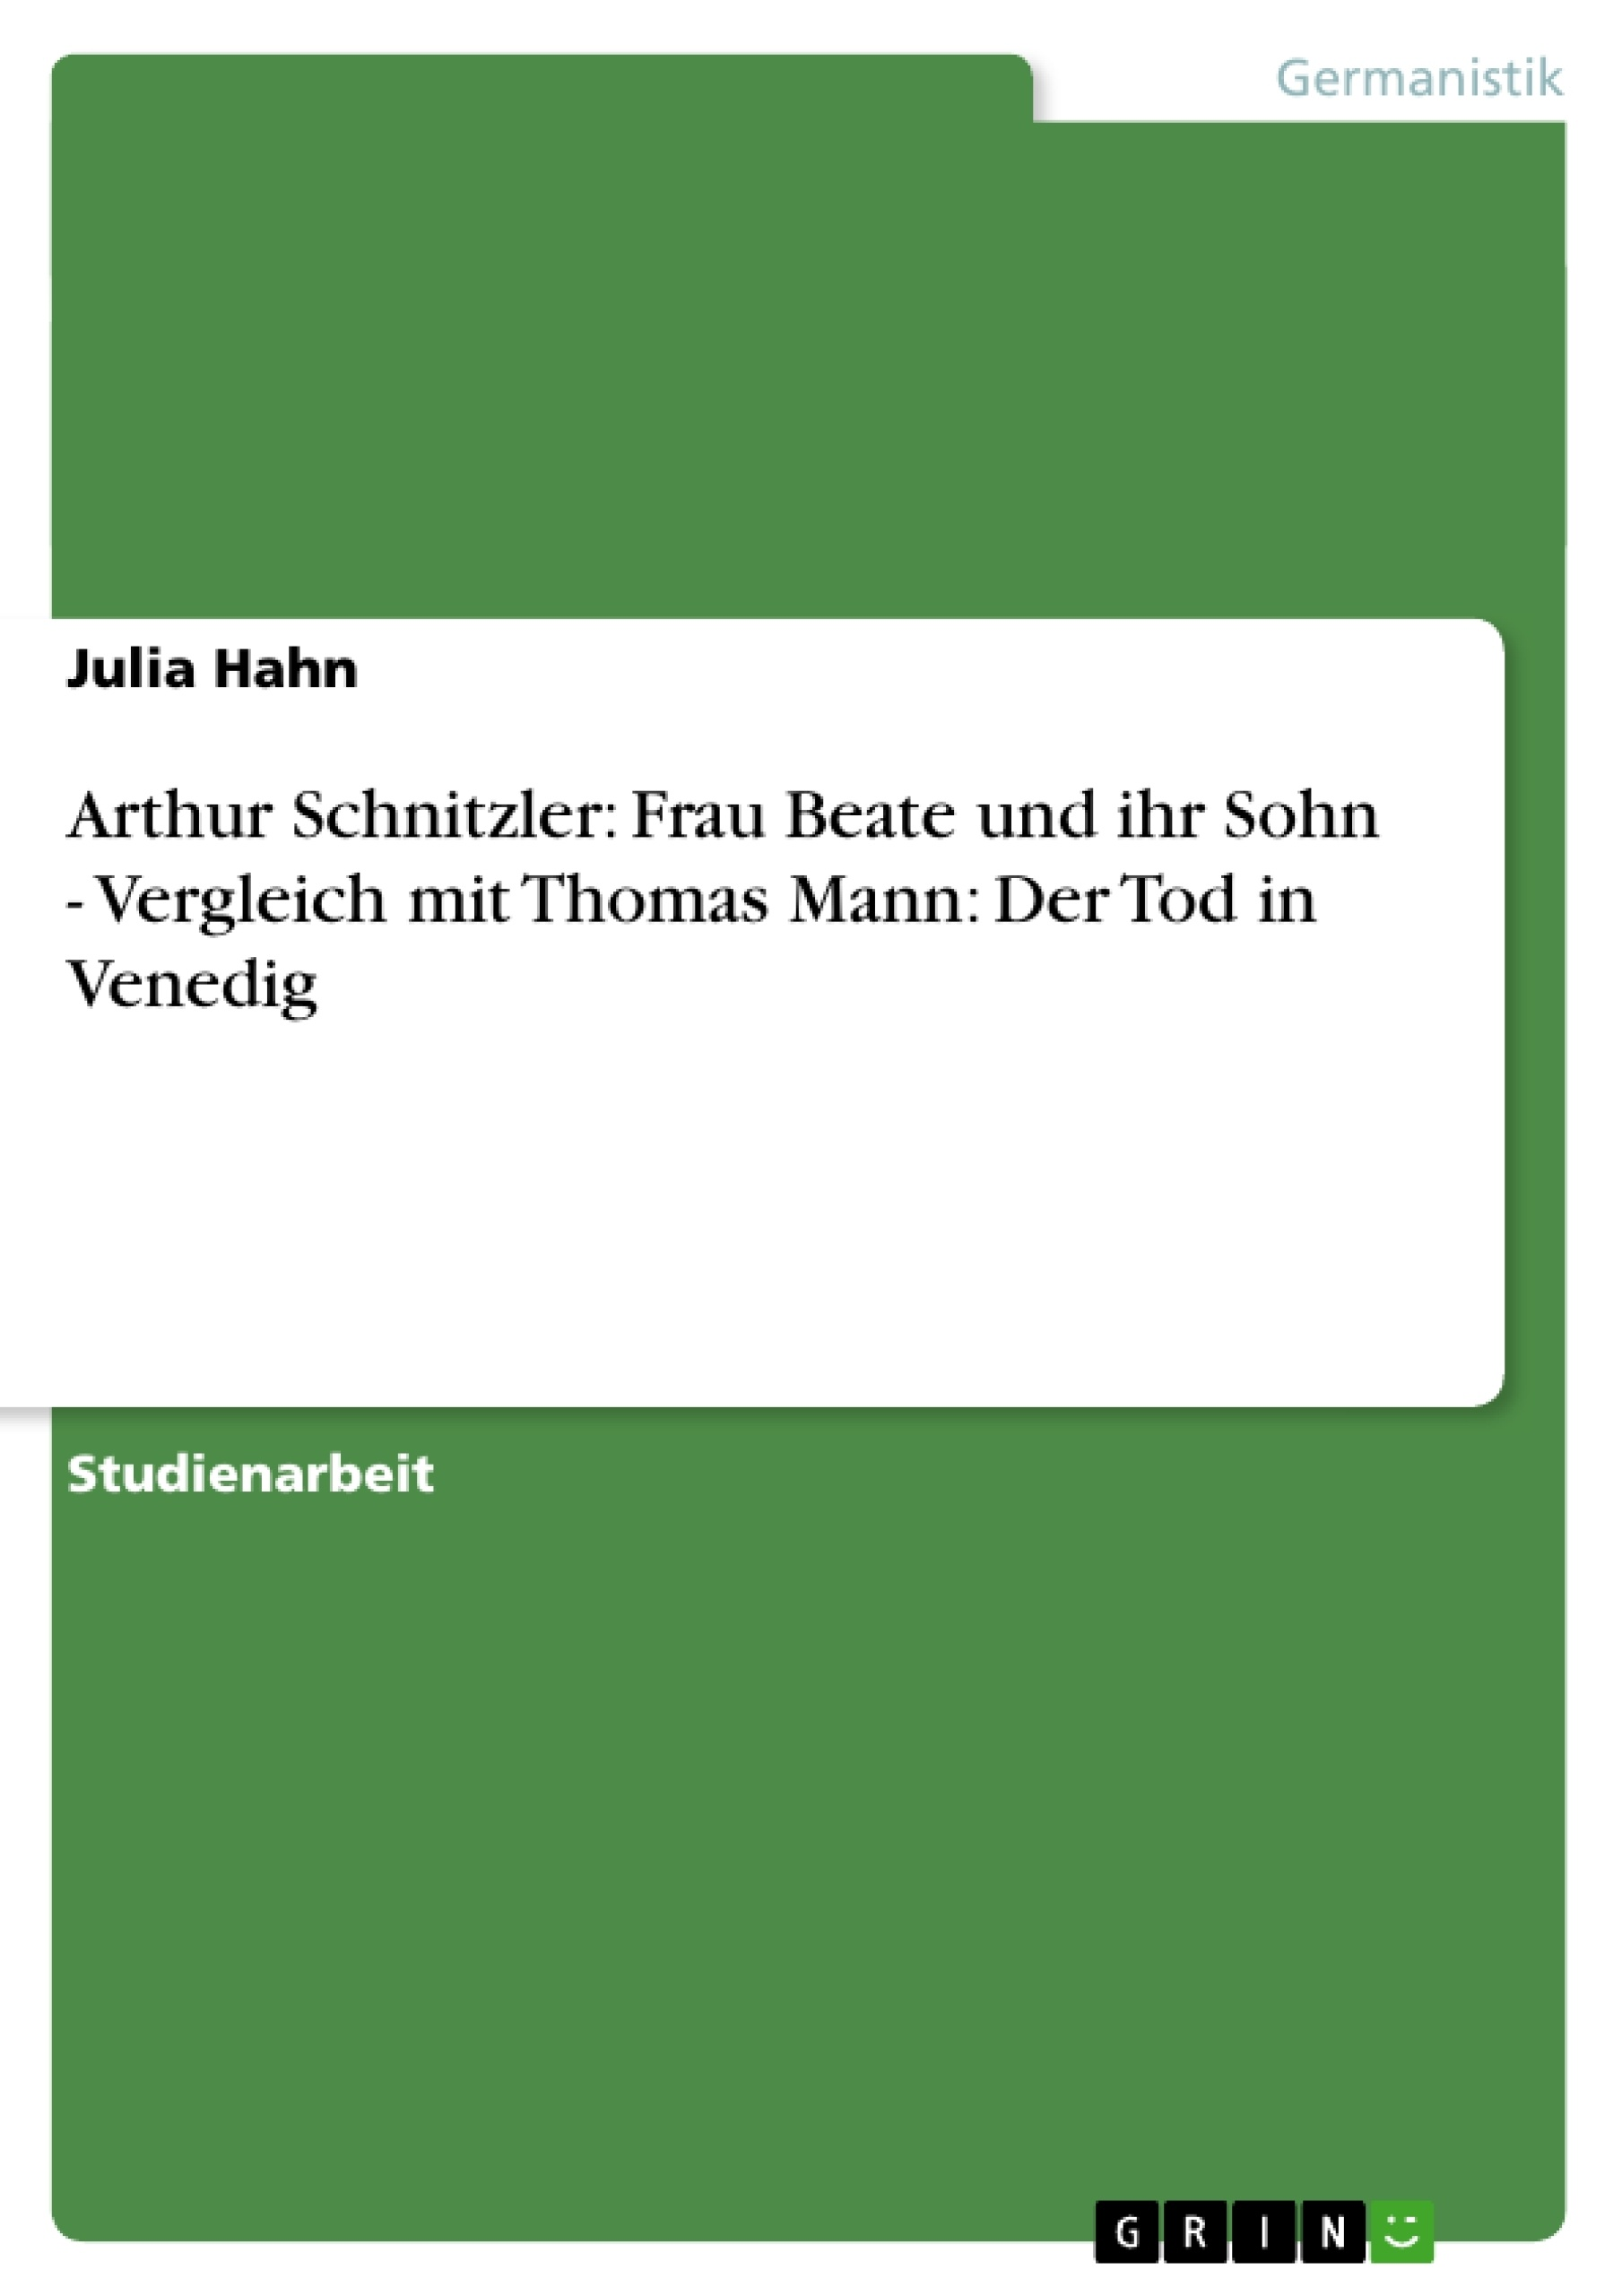 Titel: Arthur Schnitzler: Frau Beate und ihr Sohn - Vergleich mit Thomas Mann: Der Tod in Venedig